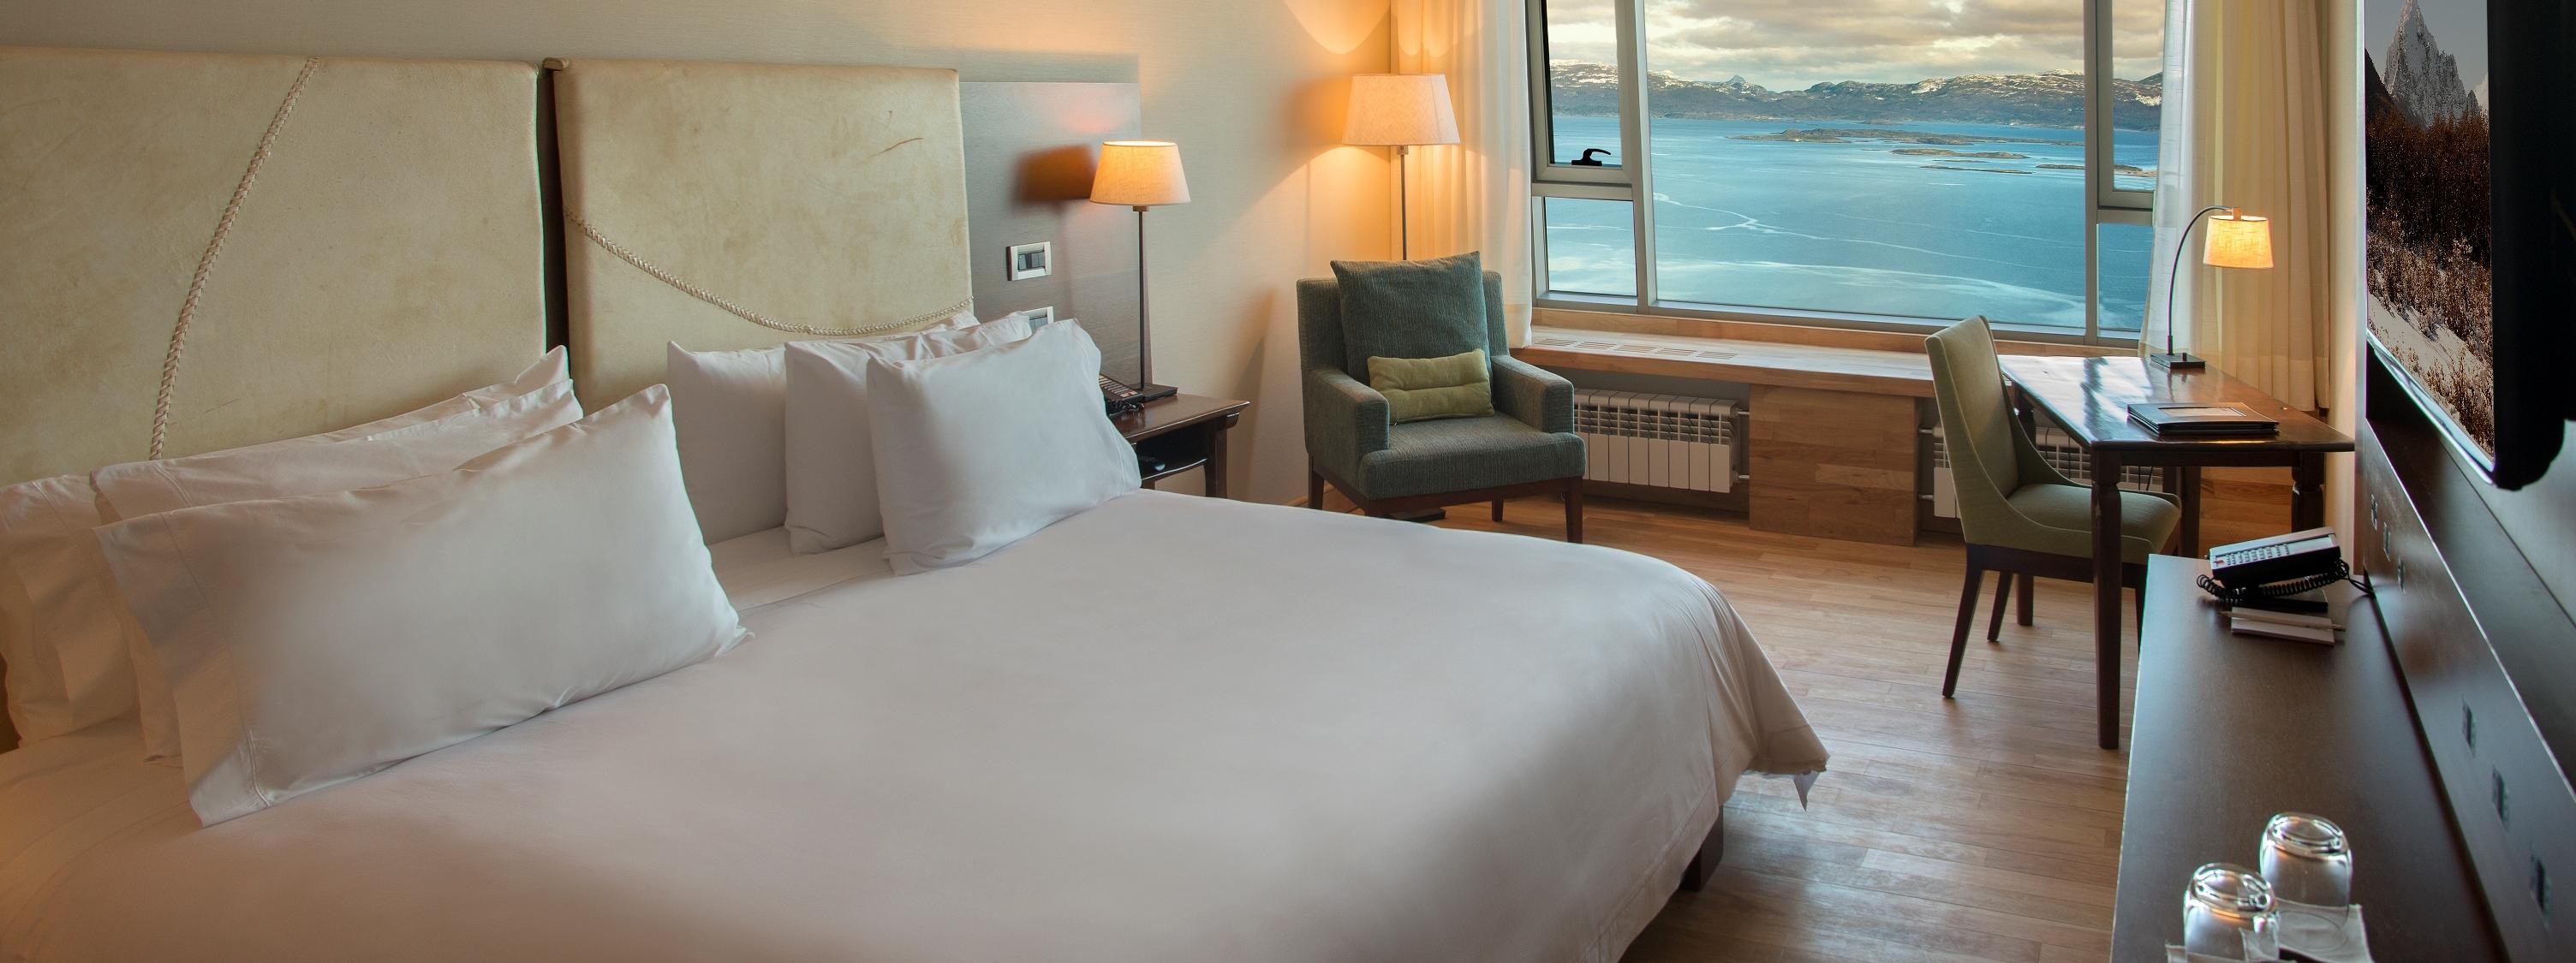 arakur-hotel-senior-suite-sea-view